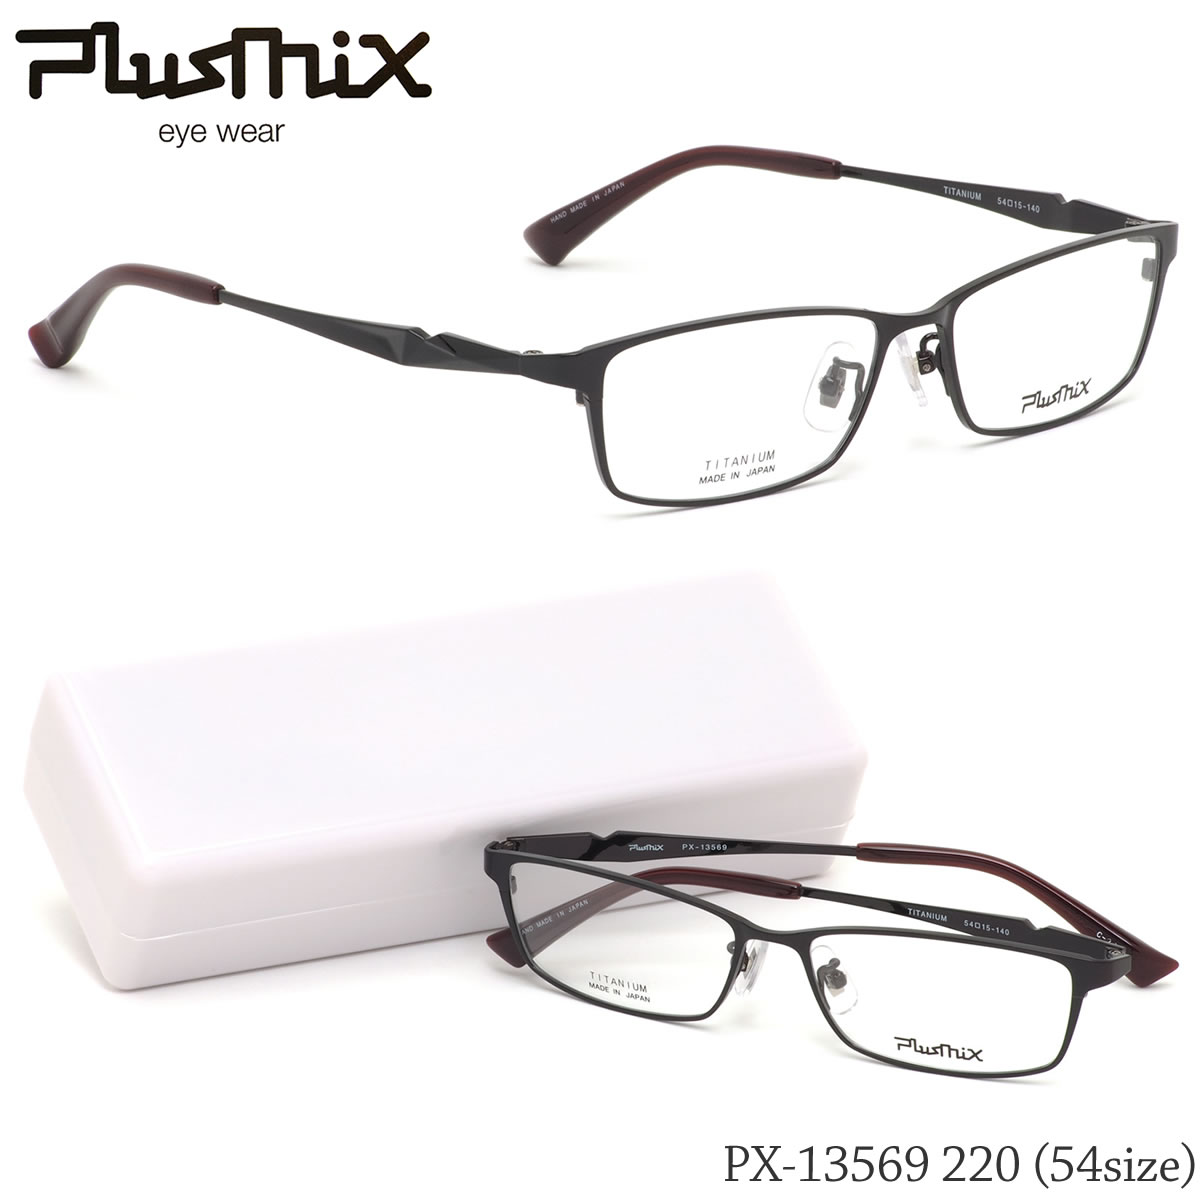 ほぼ全品ポイント15倍~最大43倍+3倍!お得なクーポンも! プラスミックス PlusMix メガネPX-13569 220 54サイズ日本製 シャープ ビジネス ベーシック スクエア MADE IN JAPAN伊達メガネレンズ無料 メンズ レディース